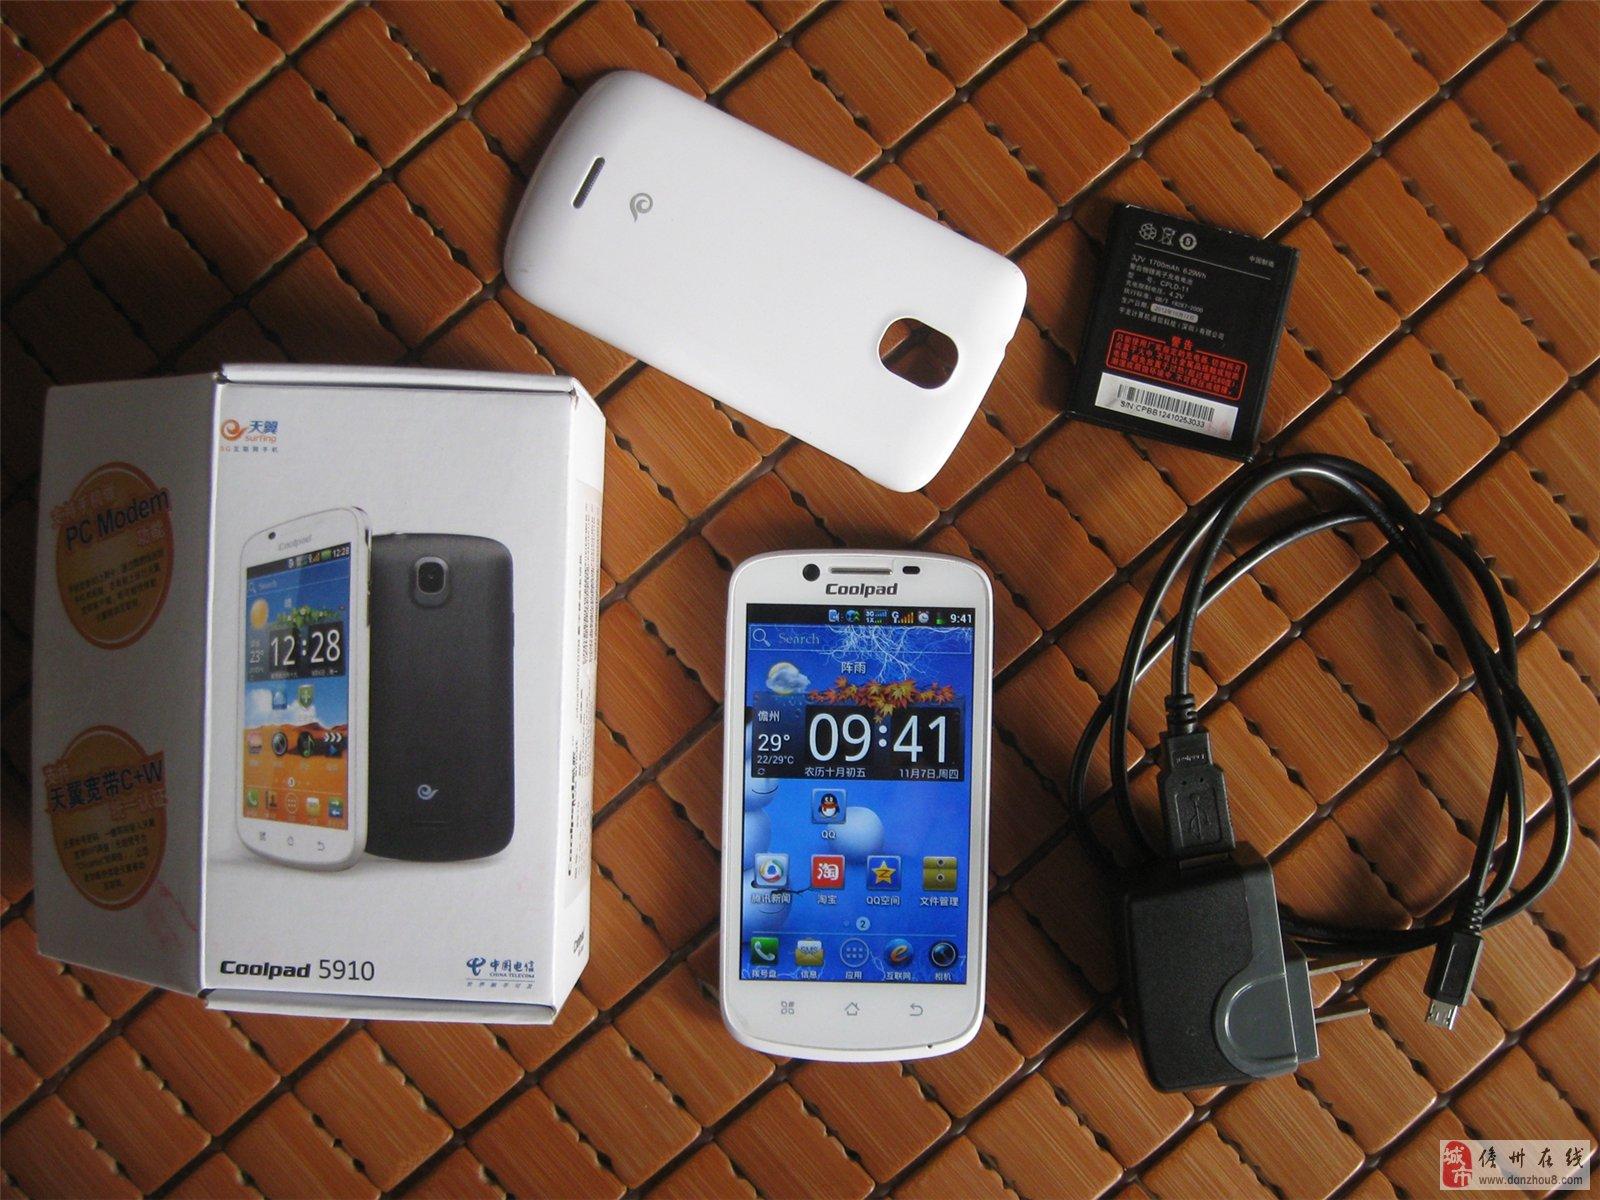 酷派 吐血 出让/吐血出让9成新的自用酷派5910智能手机!